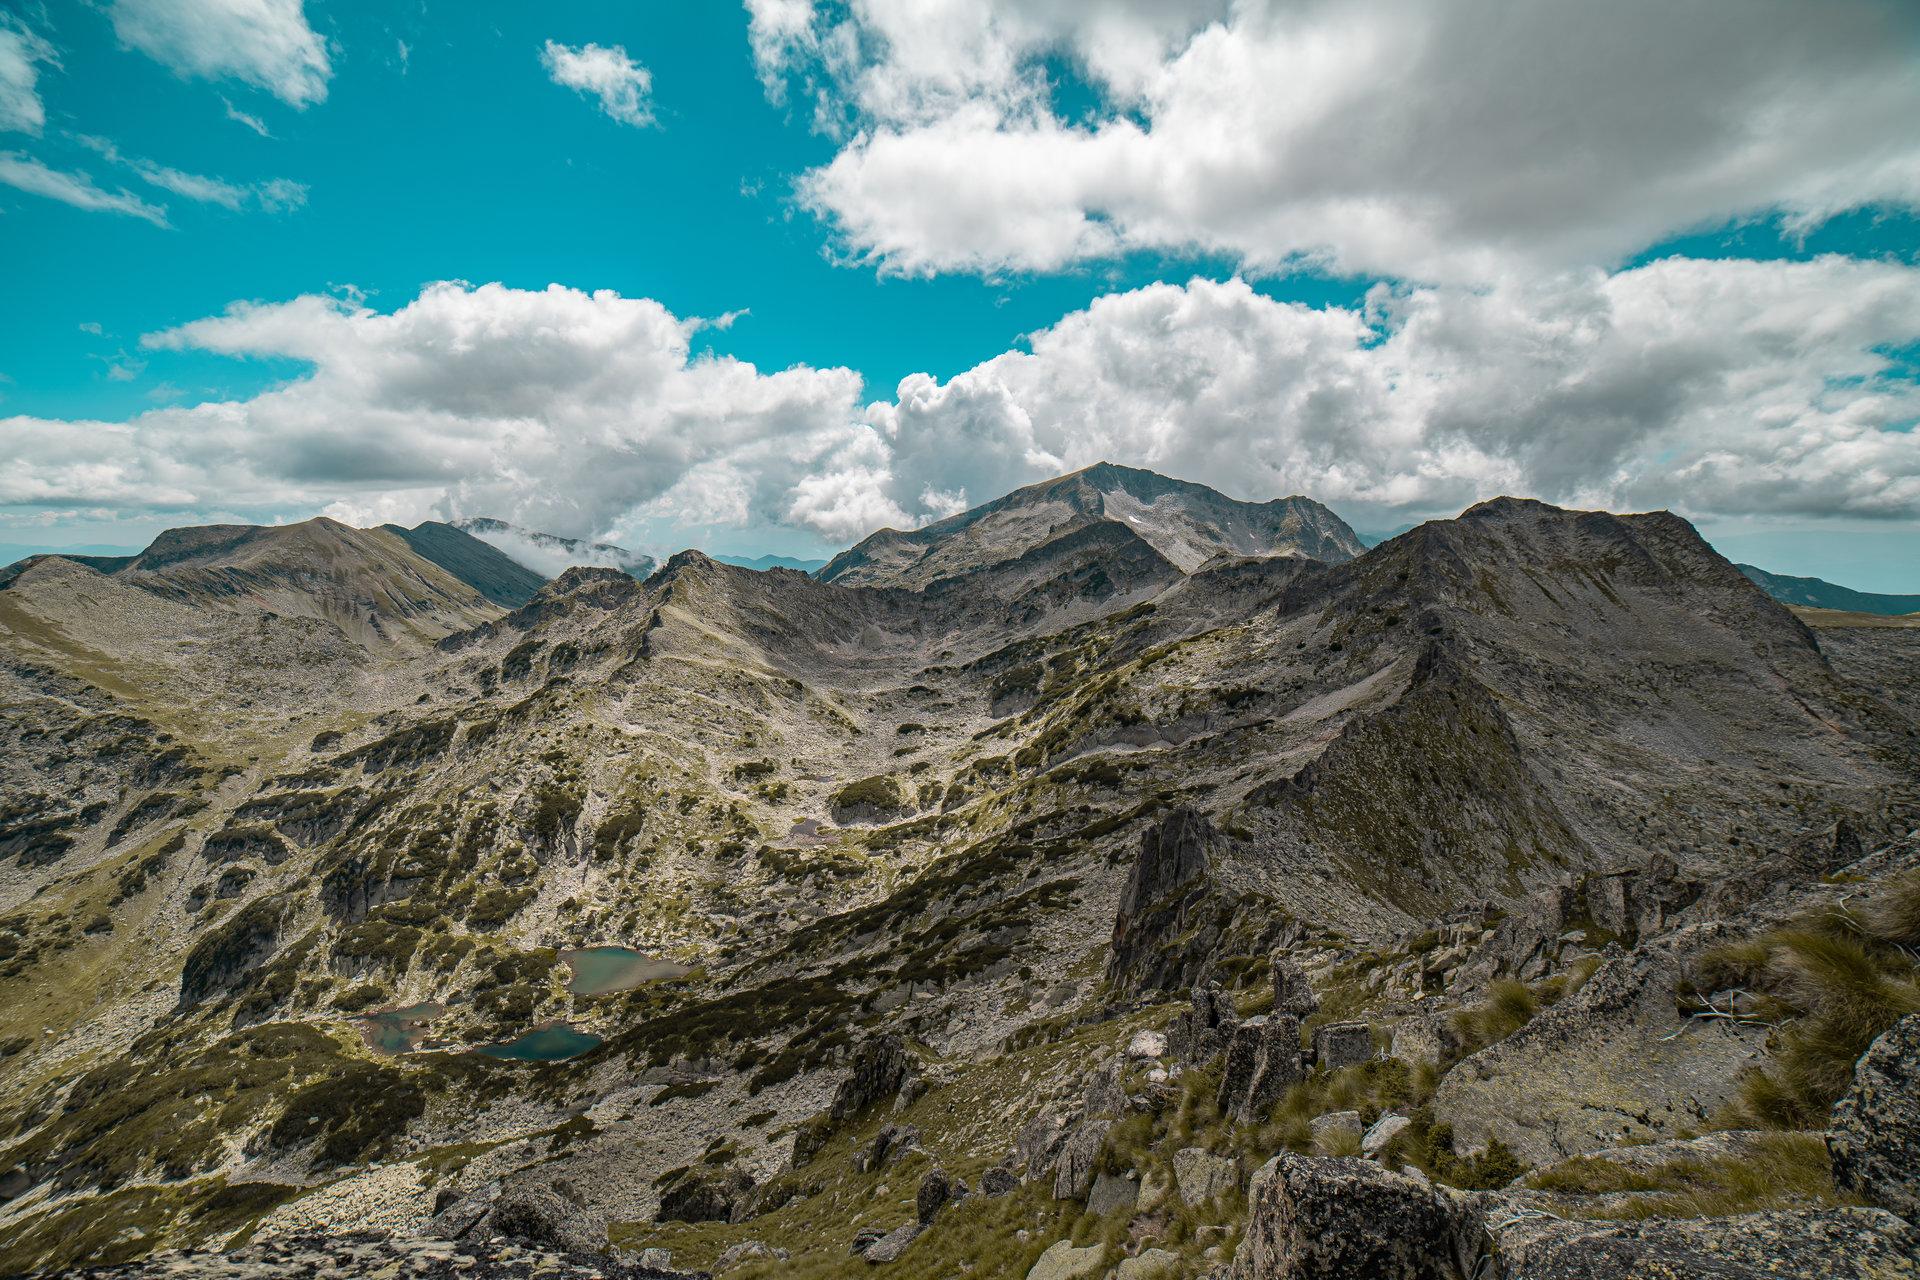 България и планините | Author Bozhidar Uzunov - bobby5 | PHOTO FORUM